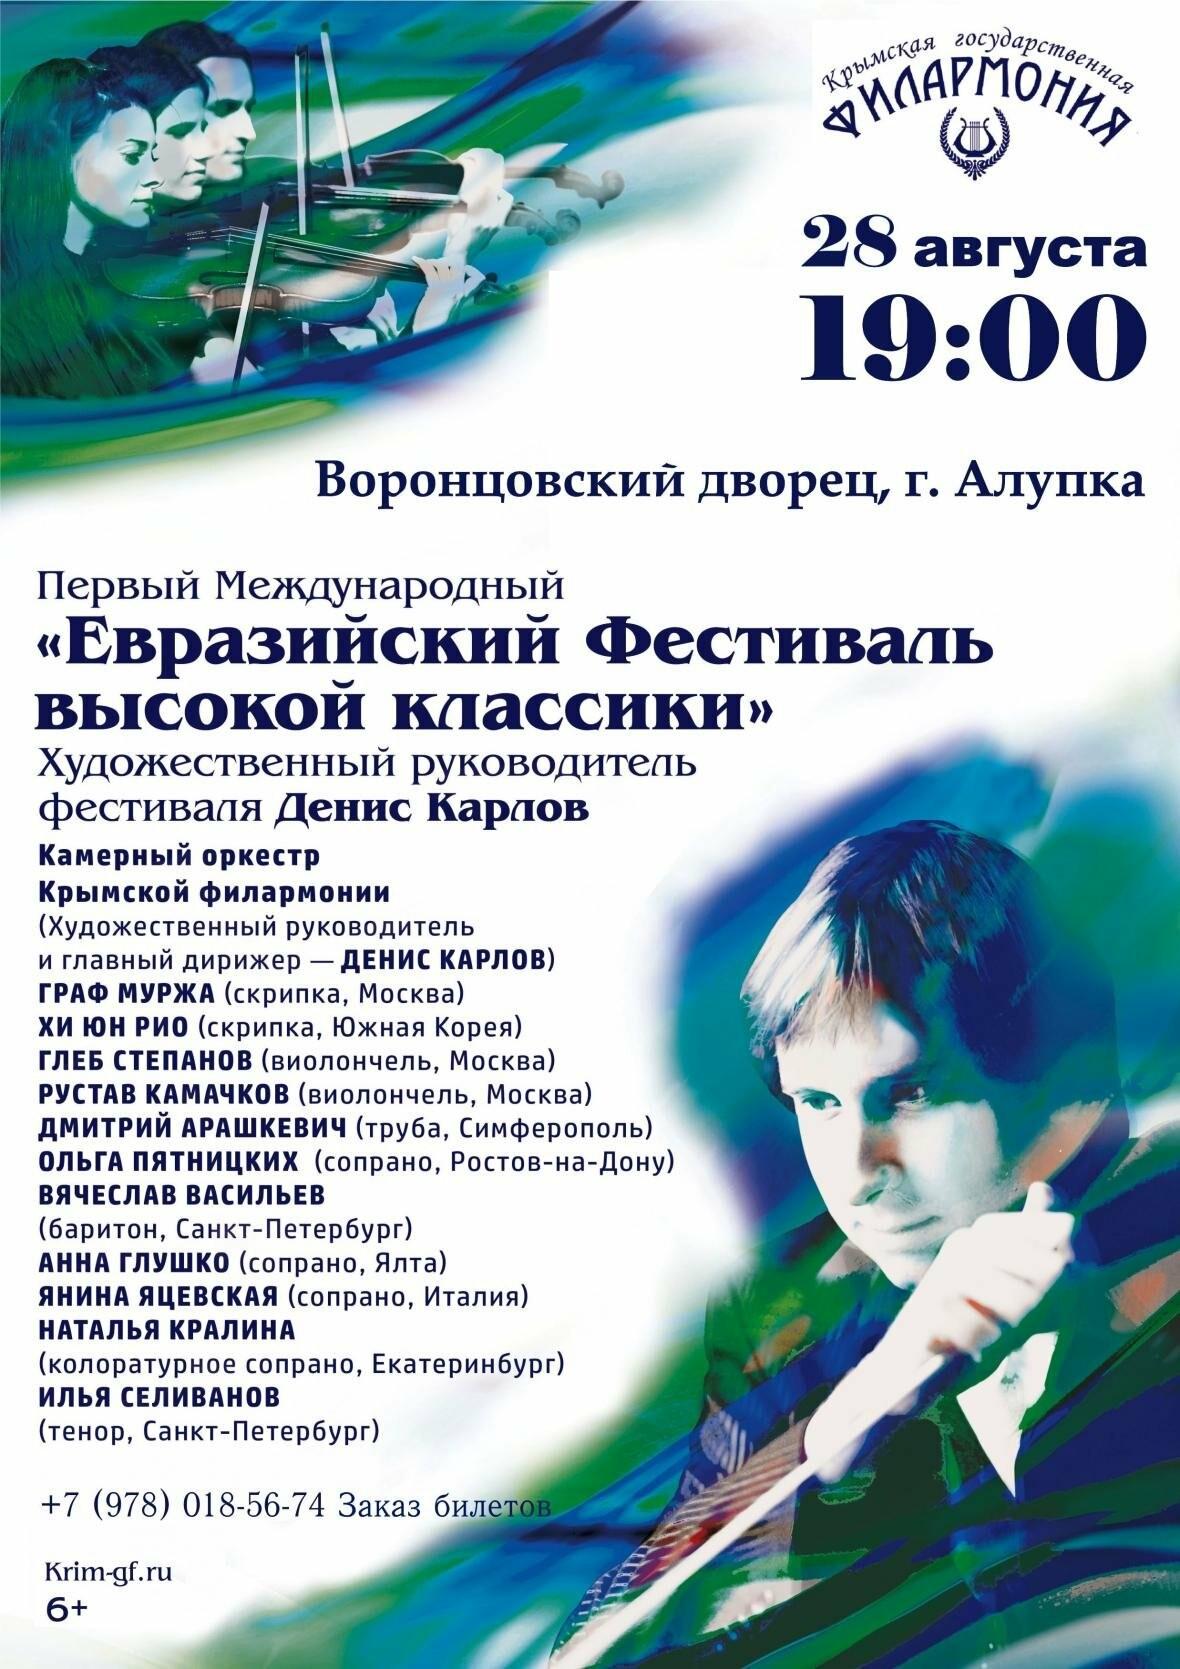 Сегодня в Воронцовском дворце продолжатся выступления Евразийского фестиваля высокой классики, фото-1